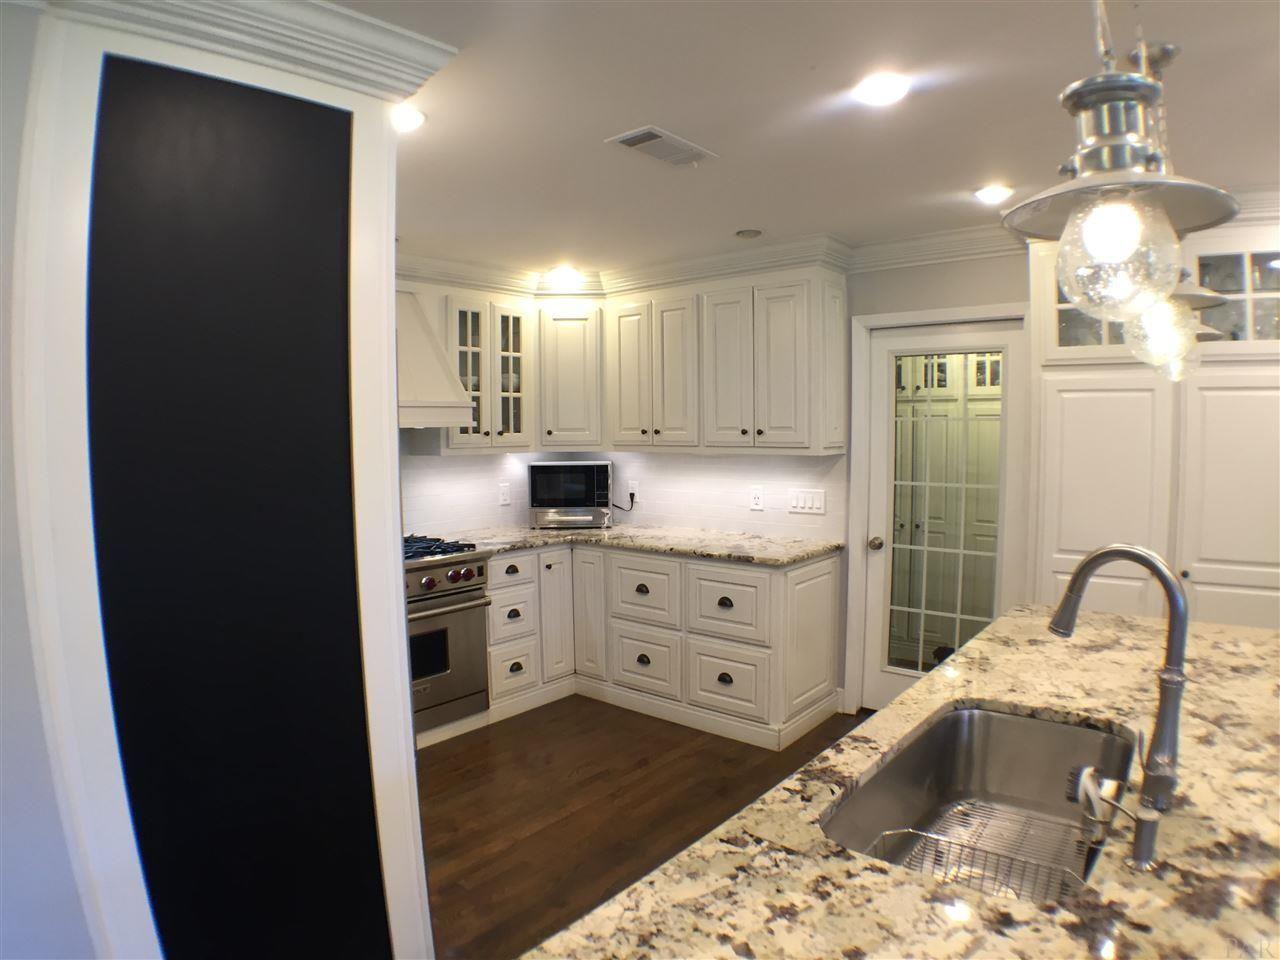 1875 E Bobe St Pensacola Fl 32503 For Sale Homes Com Home Pensacola Pensacola Fl